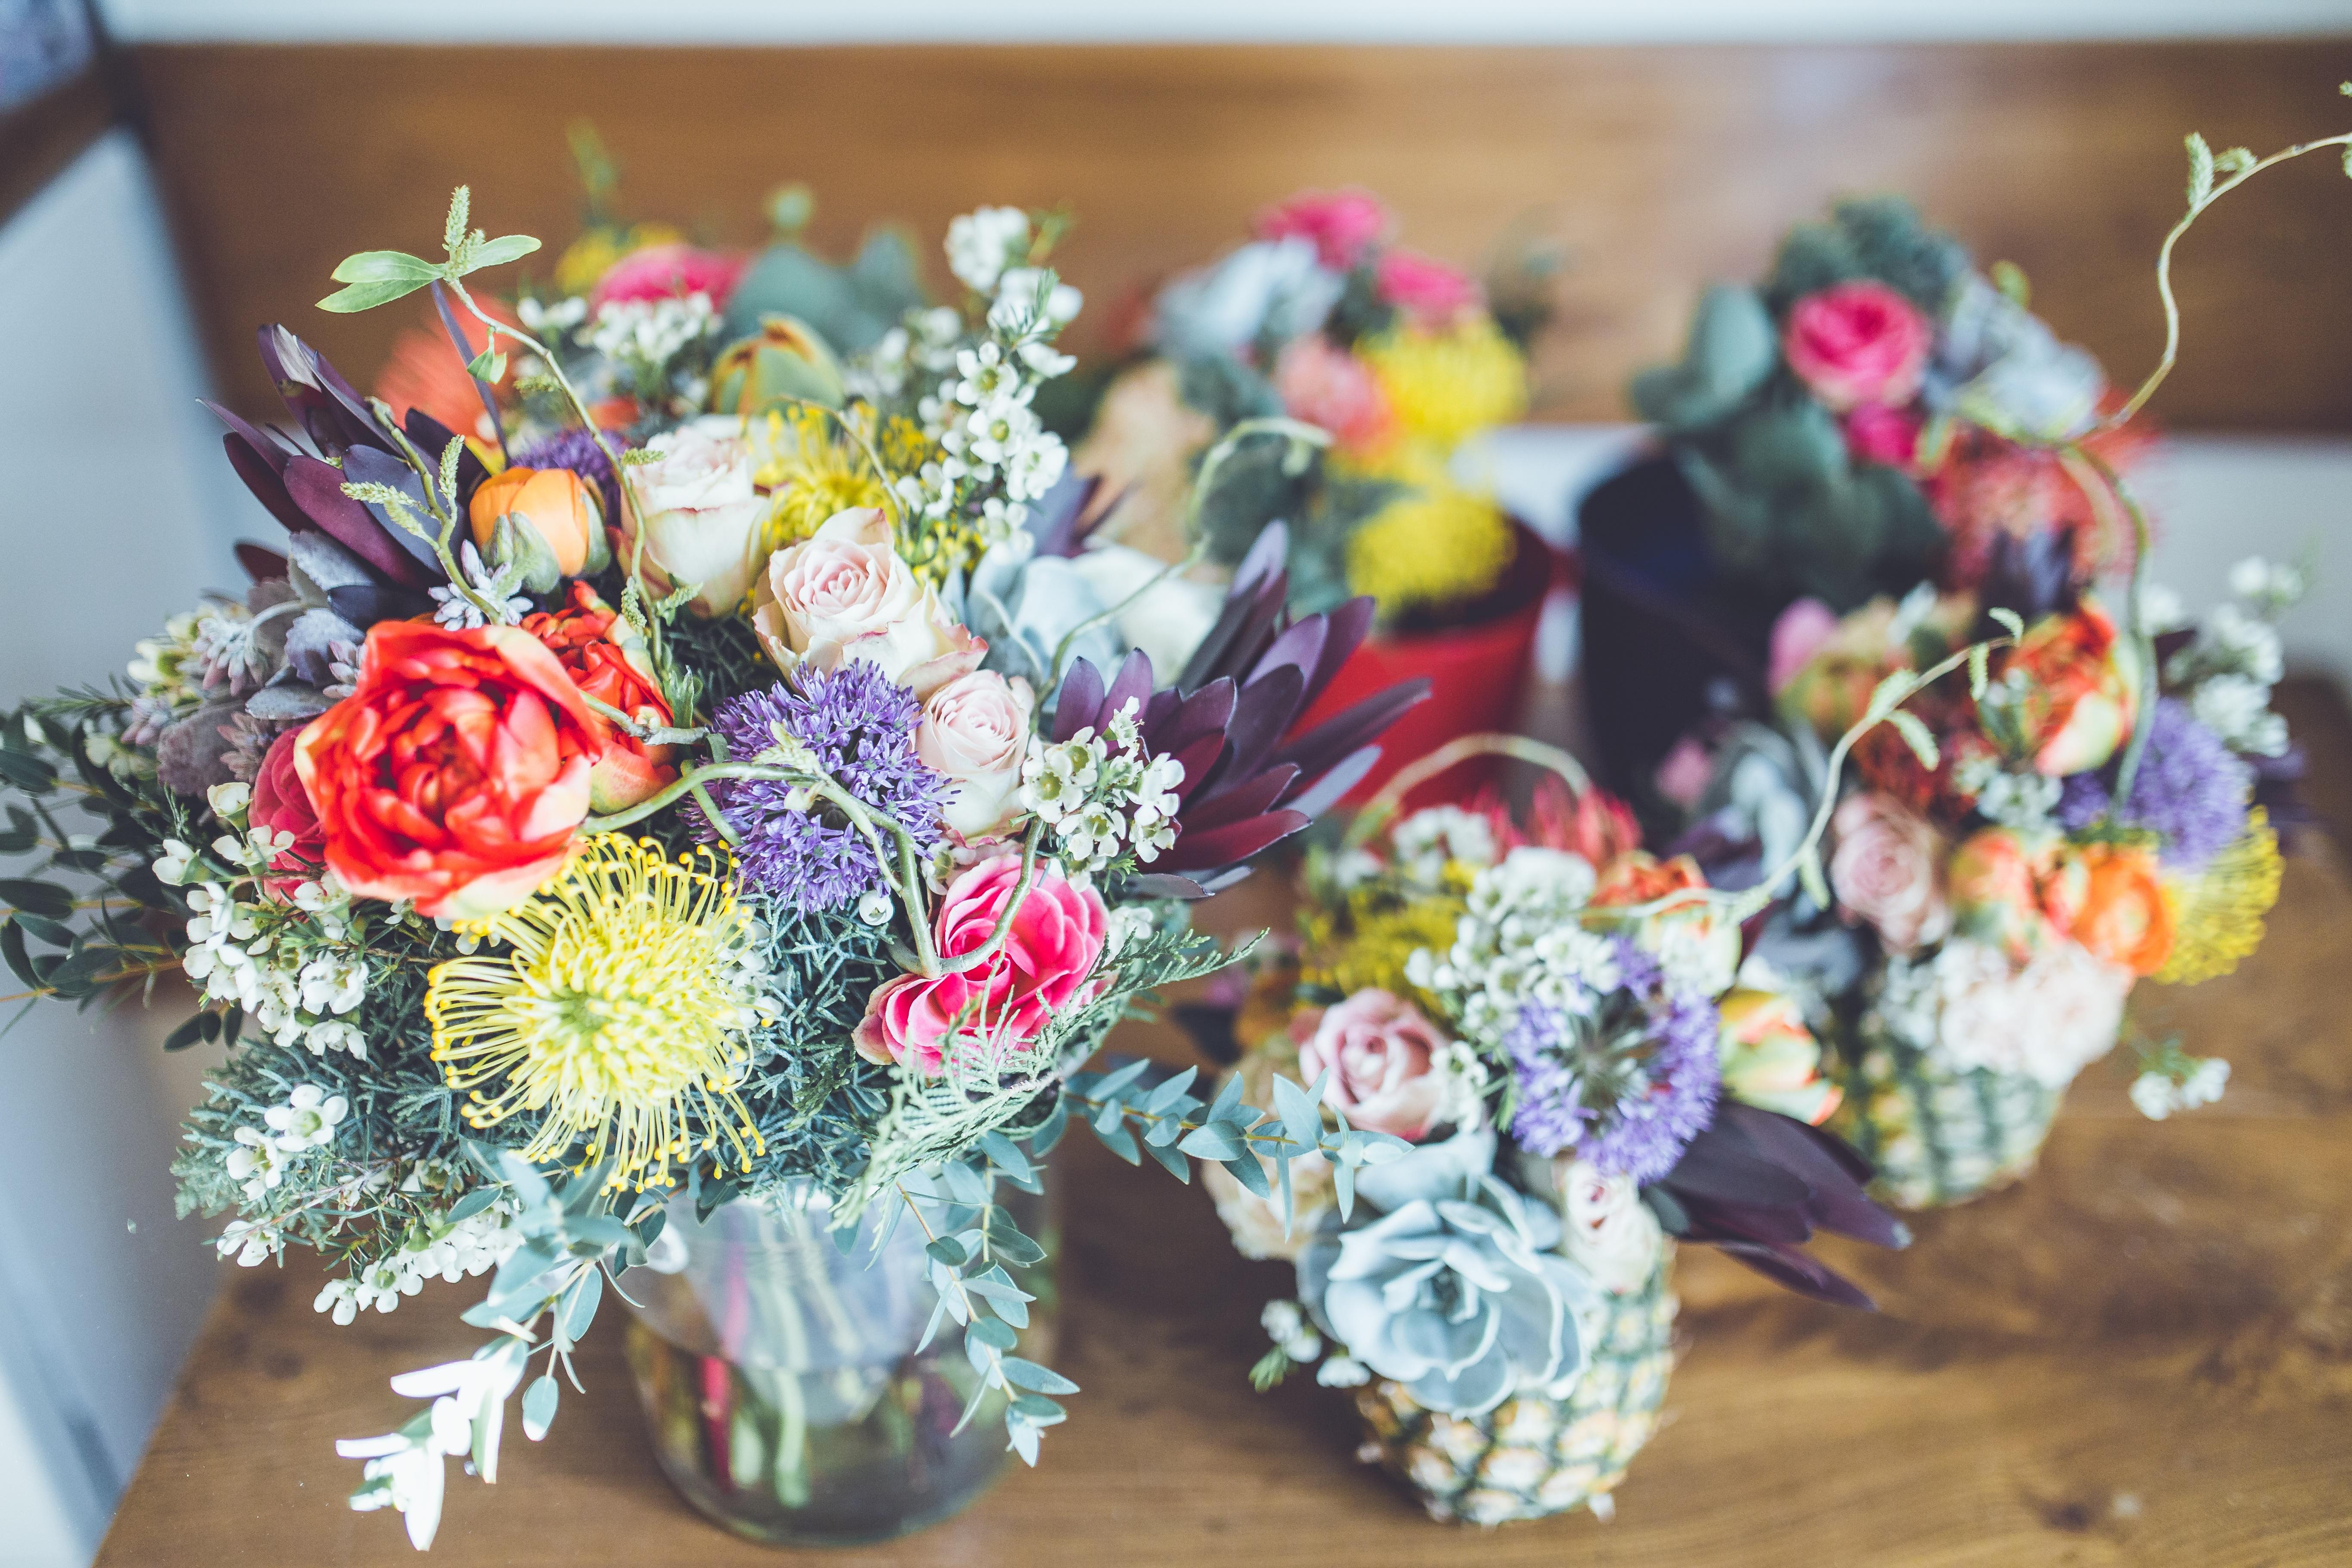 free images plant petal rose color flora arrangement wedding